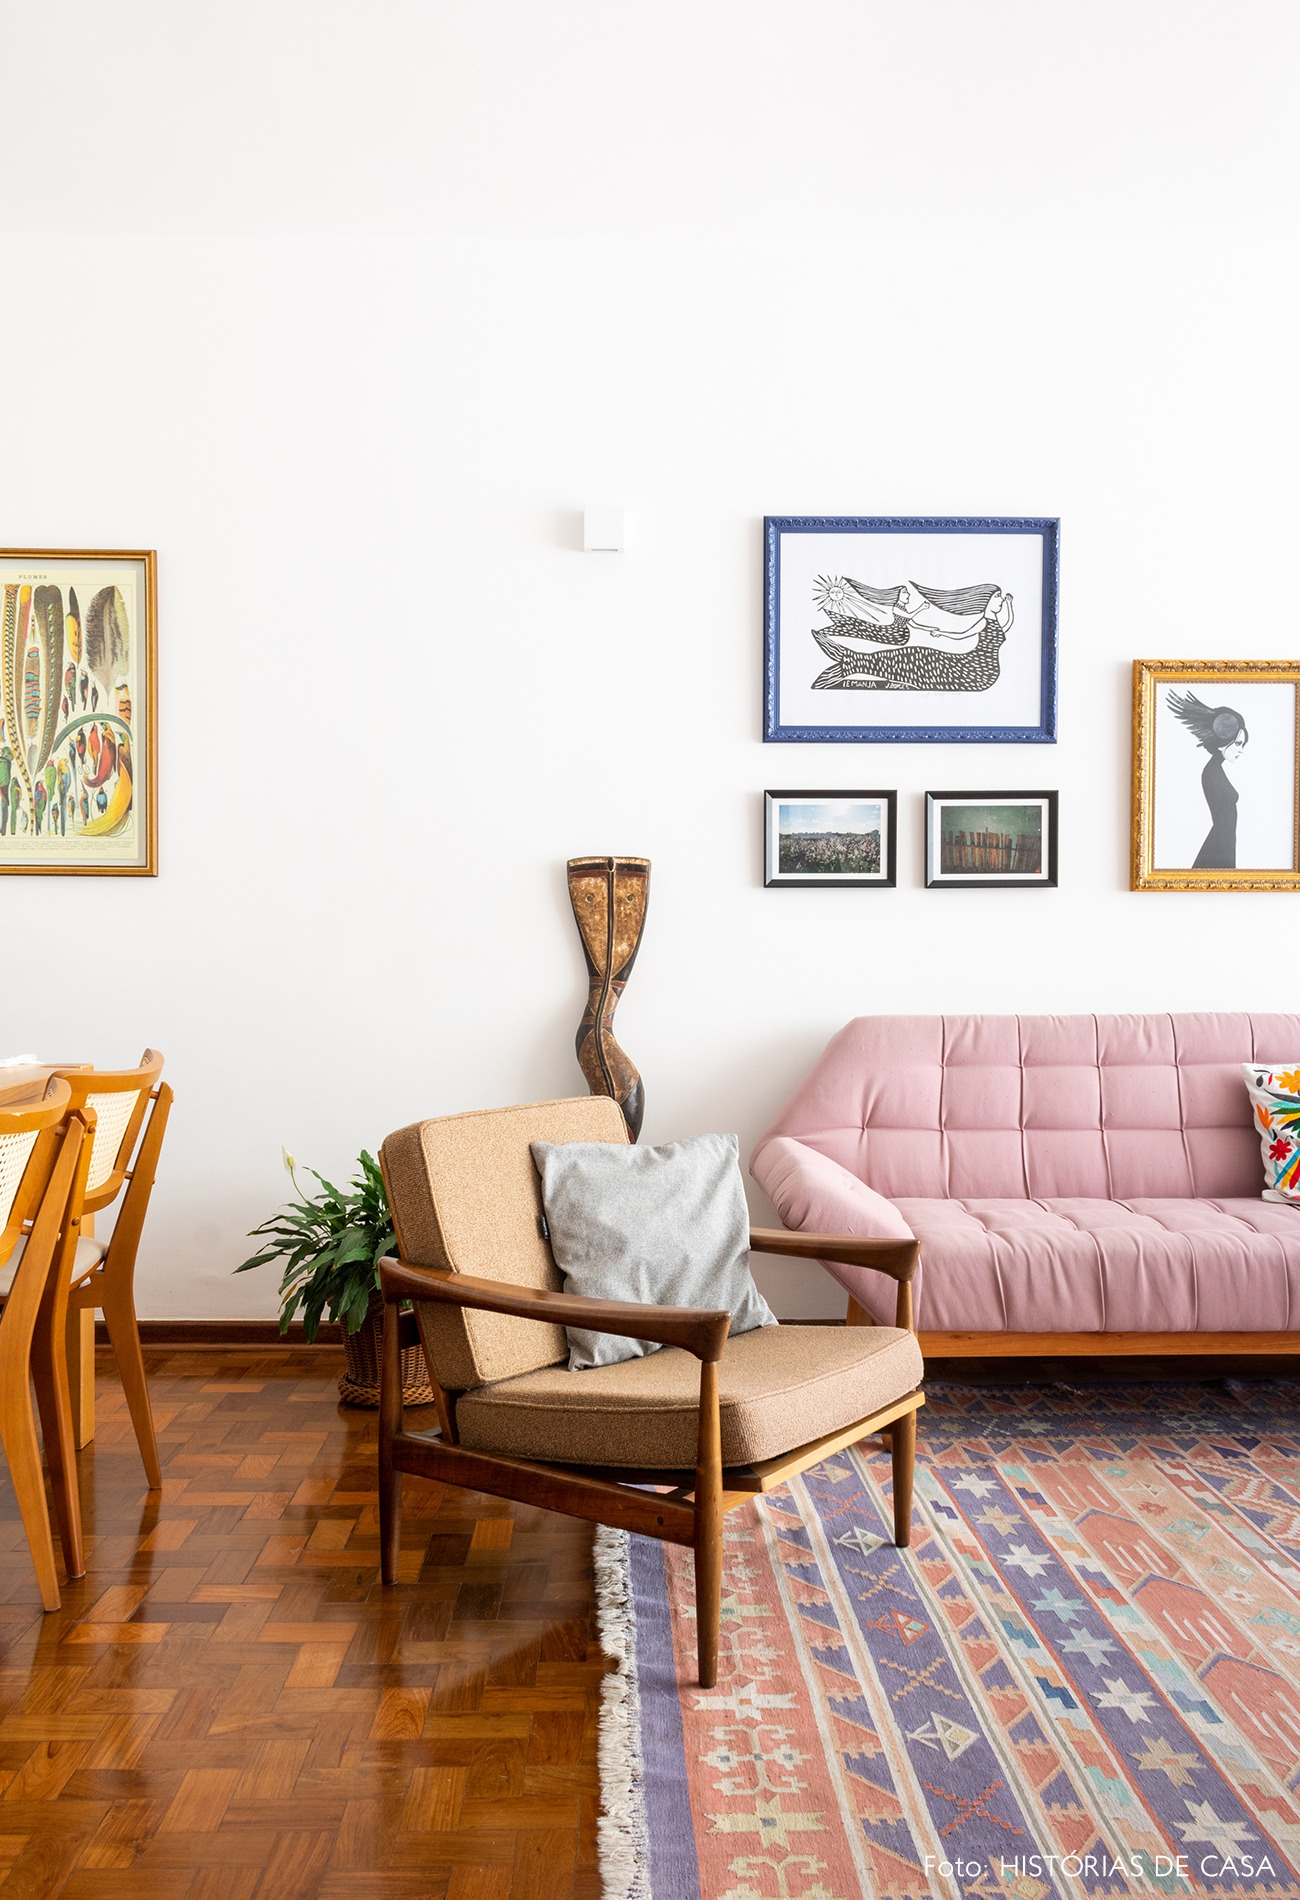 sala-piso-madeira-tapete-estampado-mesa-cadeiras-madeira-sofa-rosa